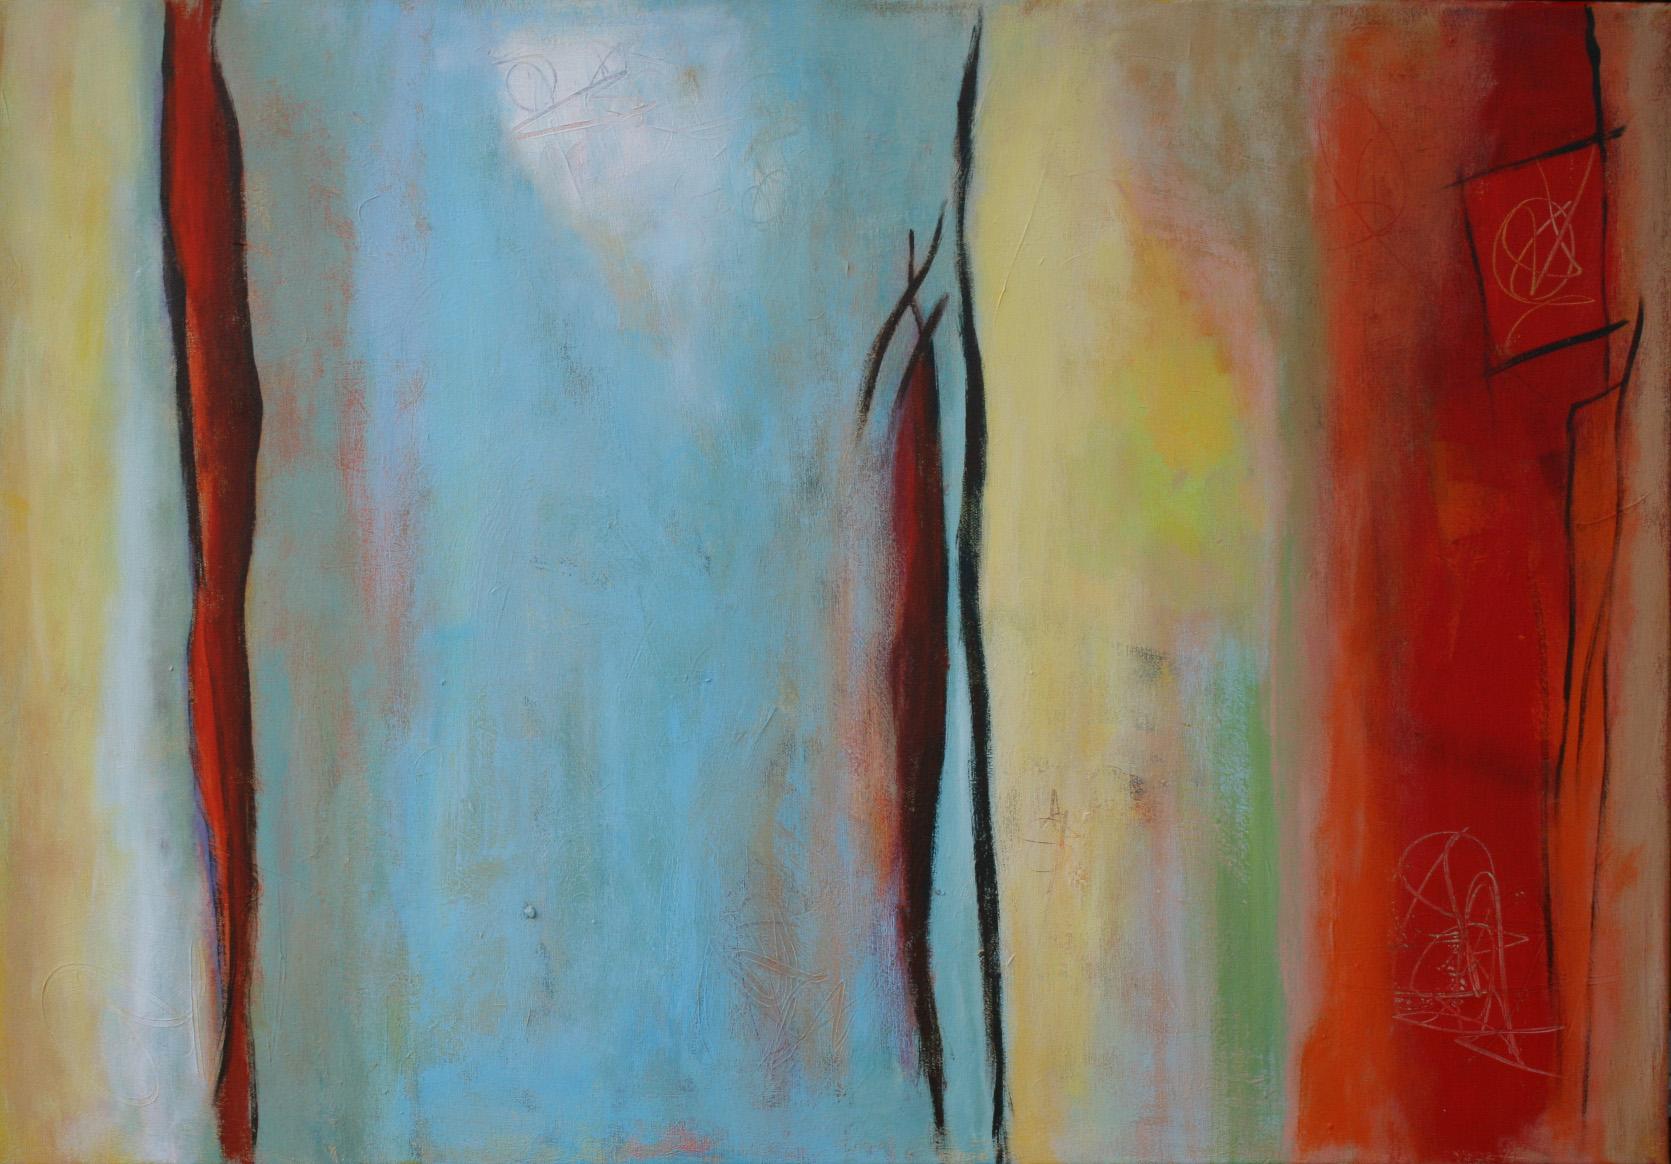 Silence II, Öl und Acryl auf Leinwand, 70 x 100 cm